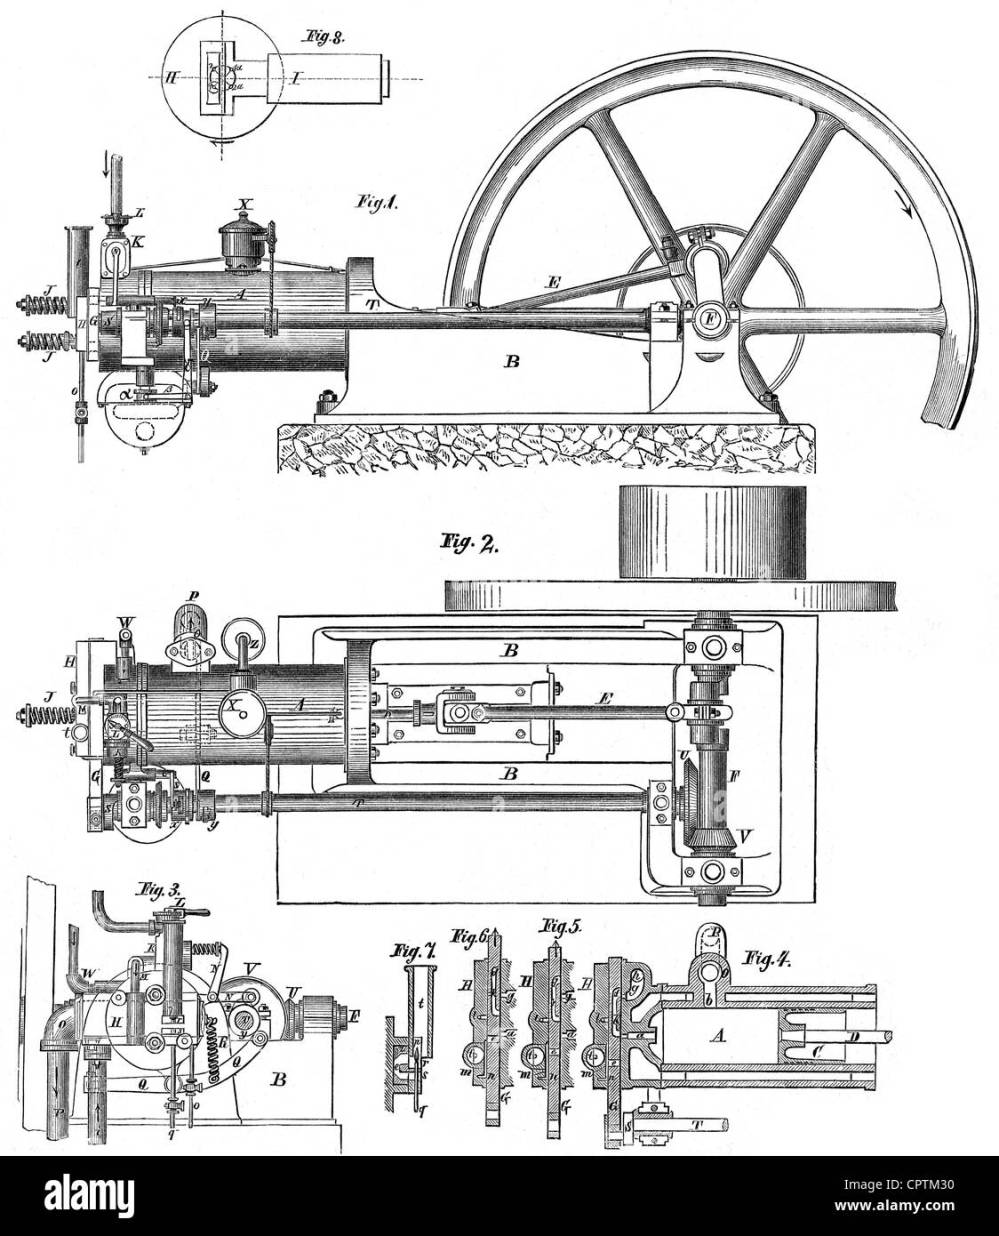 medium resolution of otto nicolaus august 14 6 1832 26 1 1891 german engineer